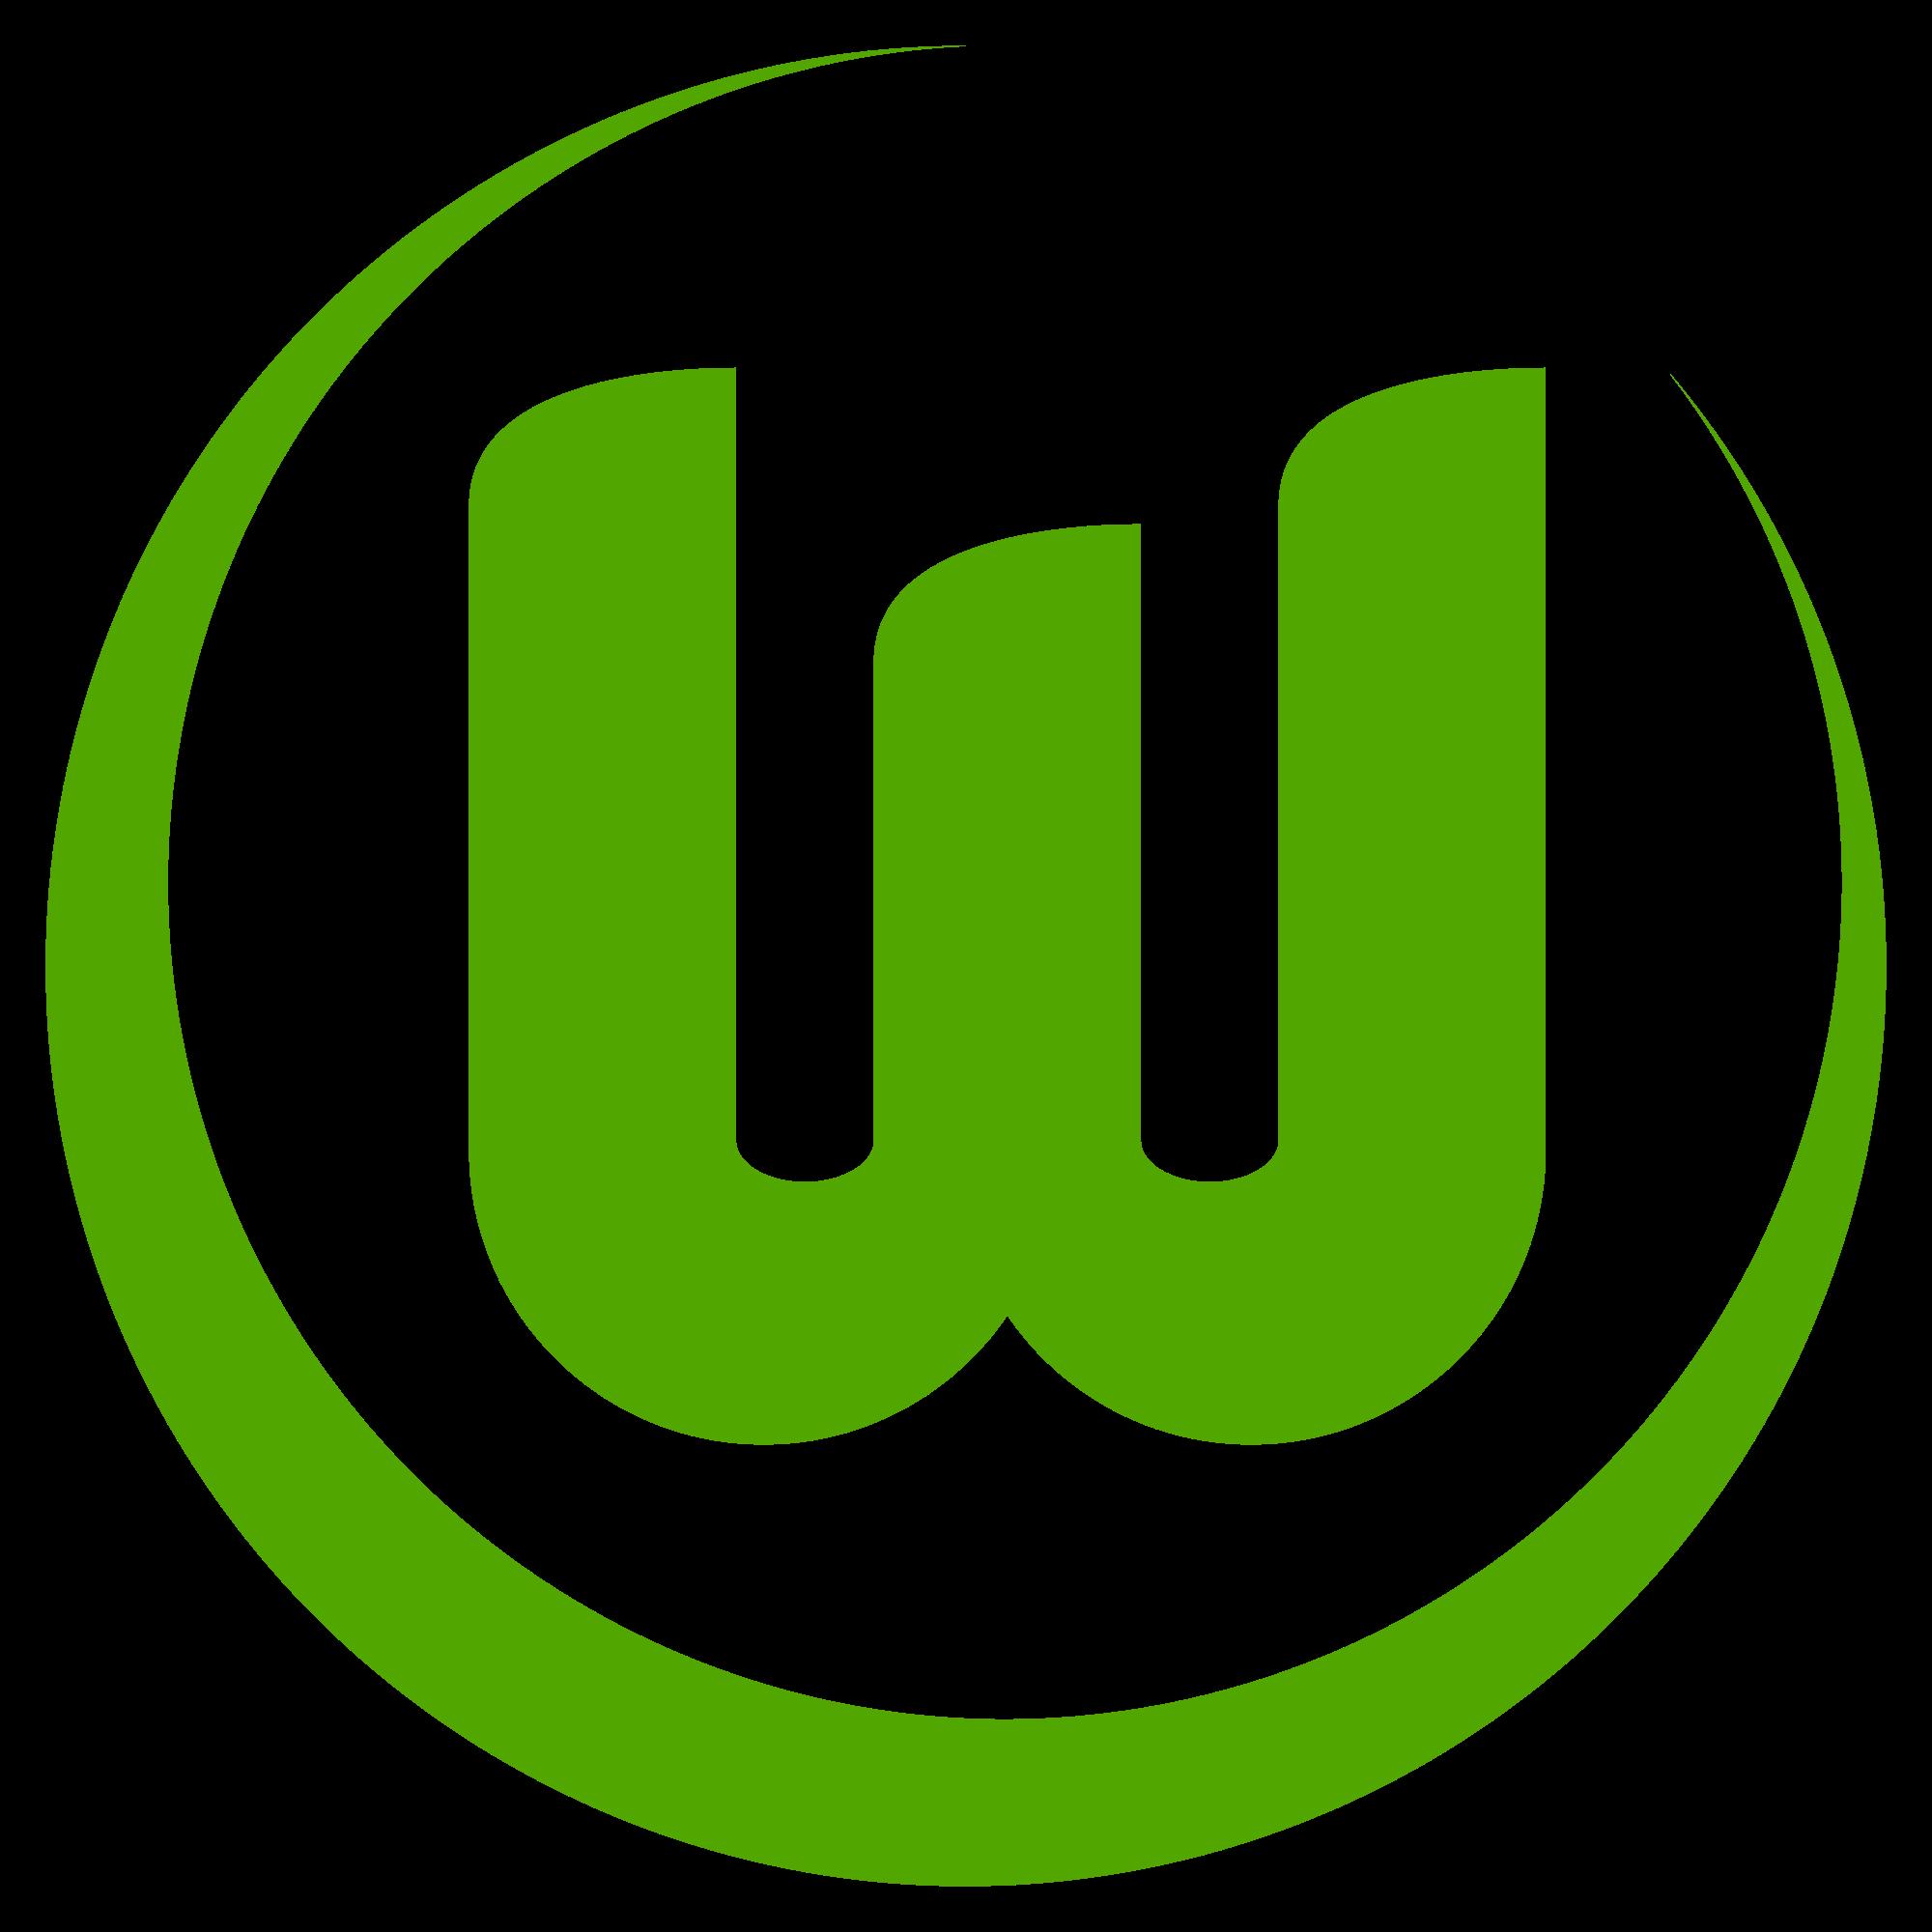 wolsburg bayern